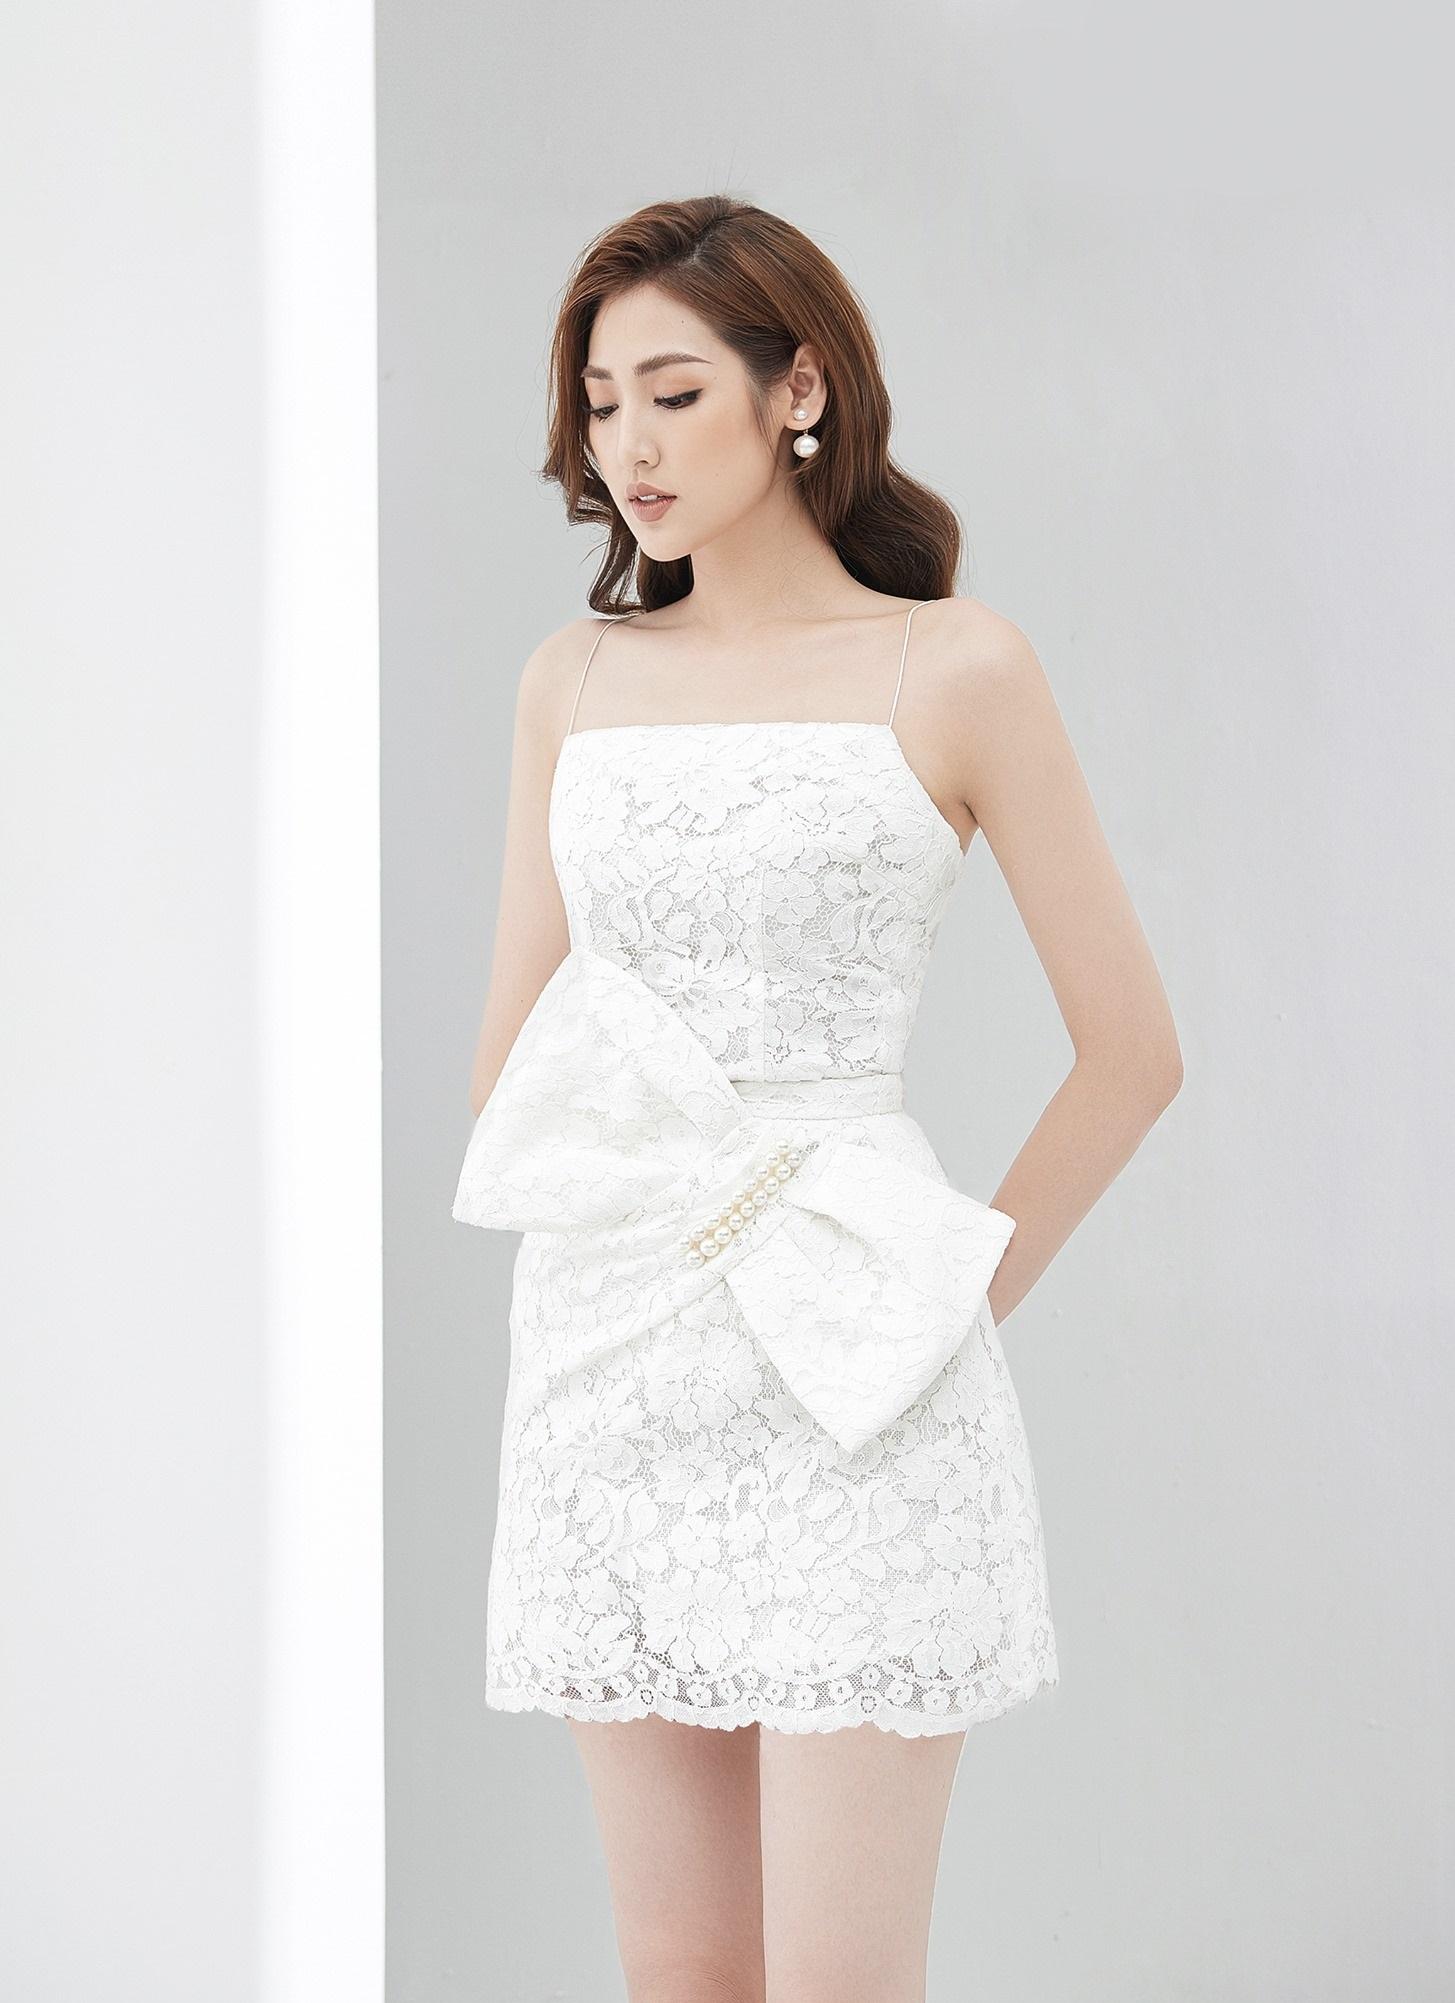 Đầm xoè 2 dây nơ đính ngọc trai eo #2843